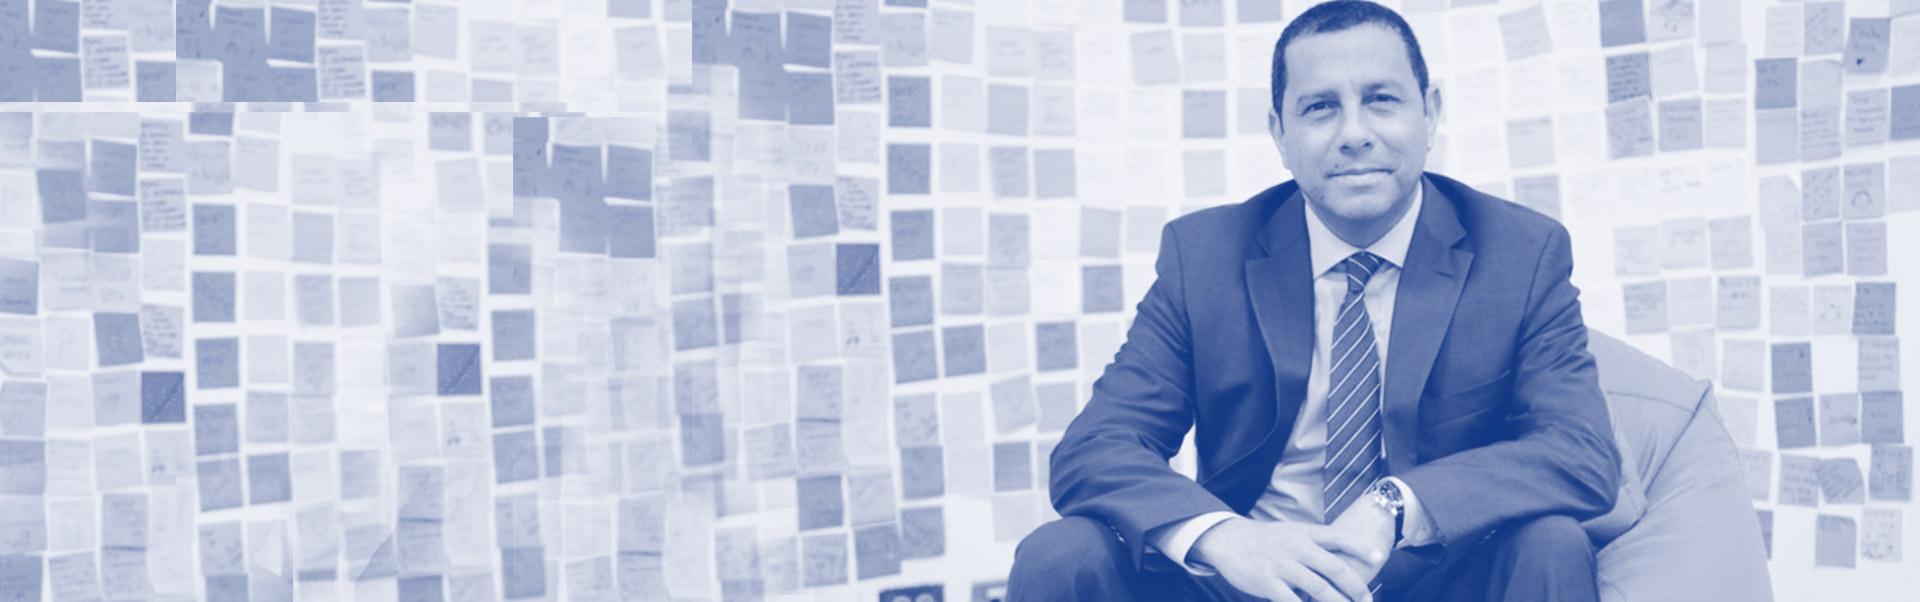 La teoría y la práctica: ¿qué y sobre qué deberían leer los empresarios actualmente?